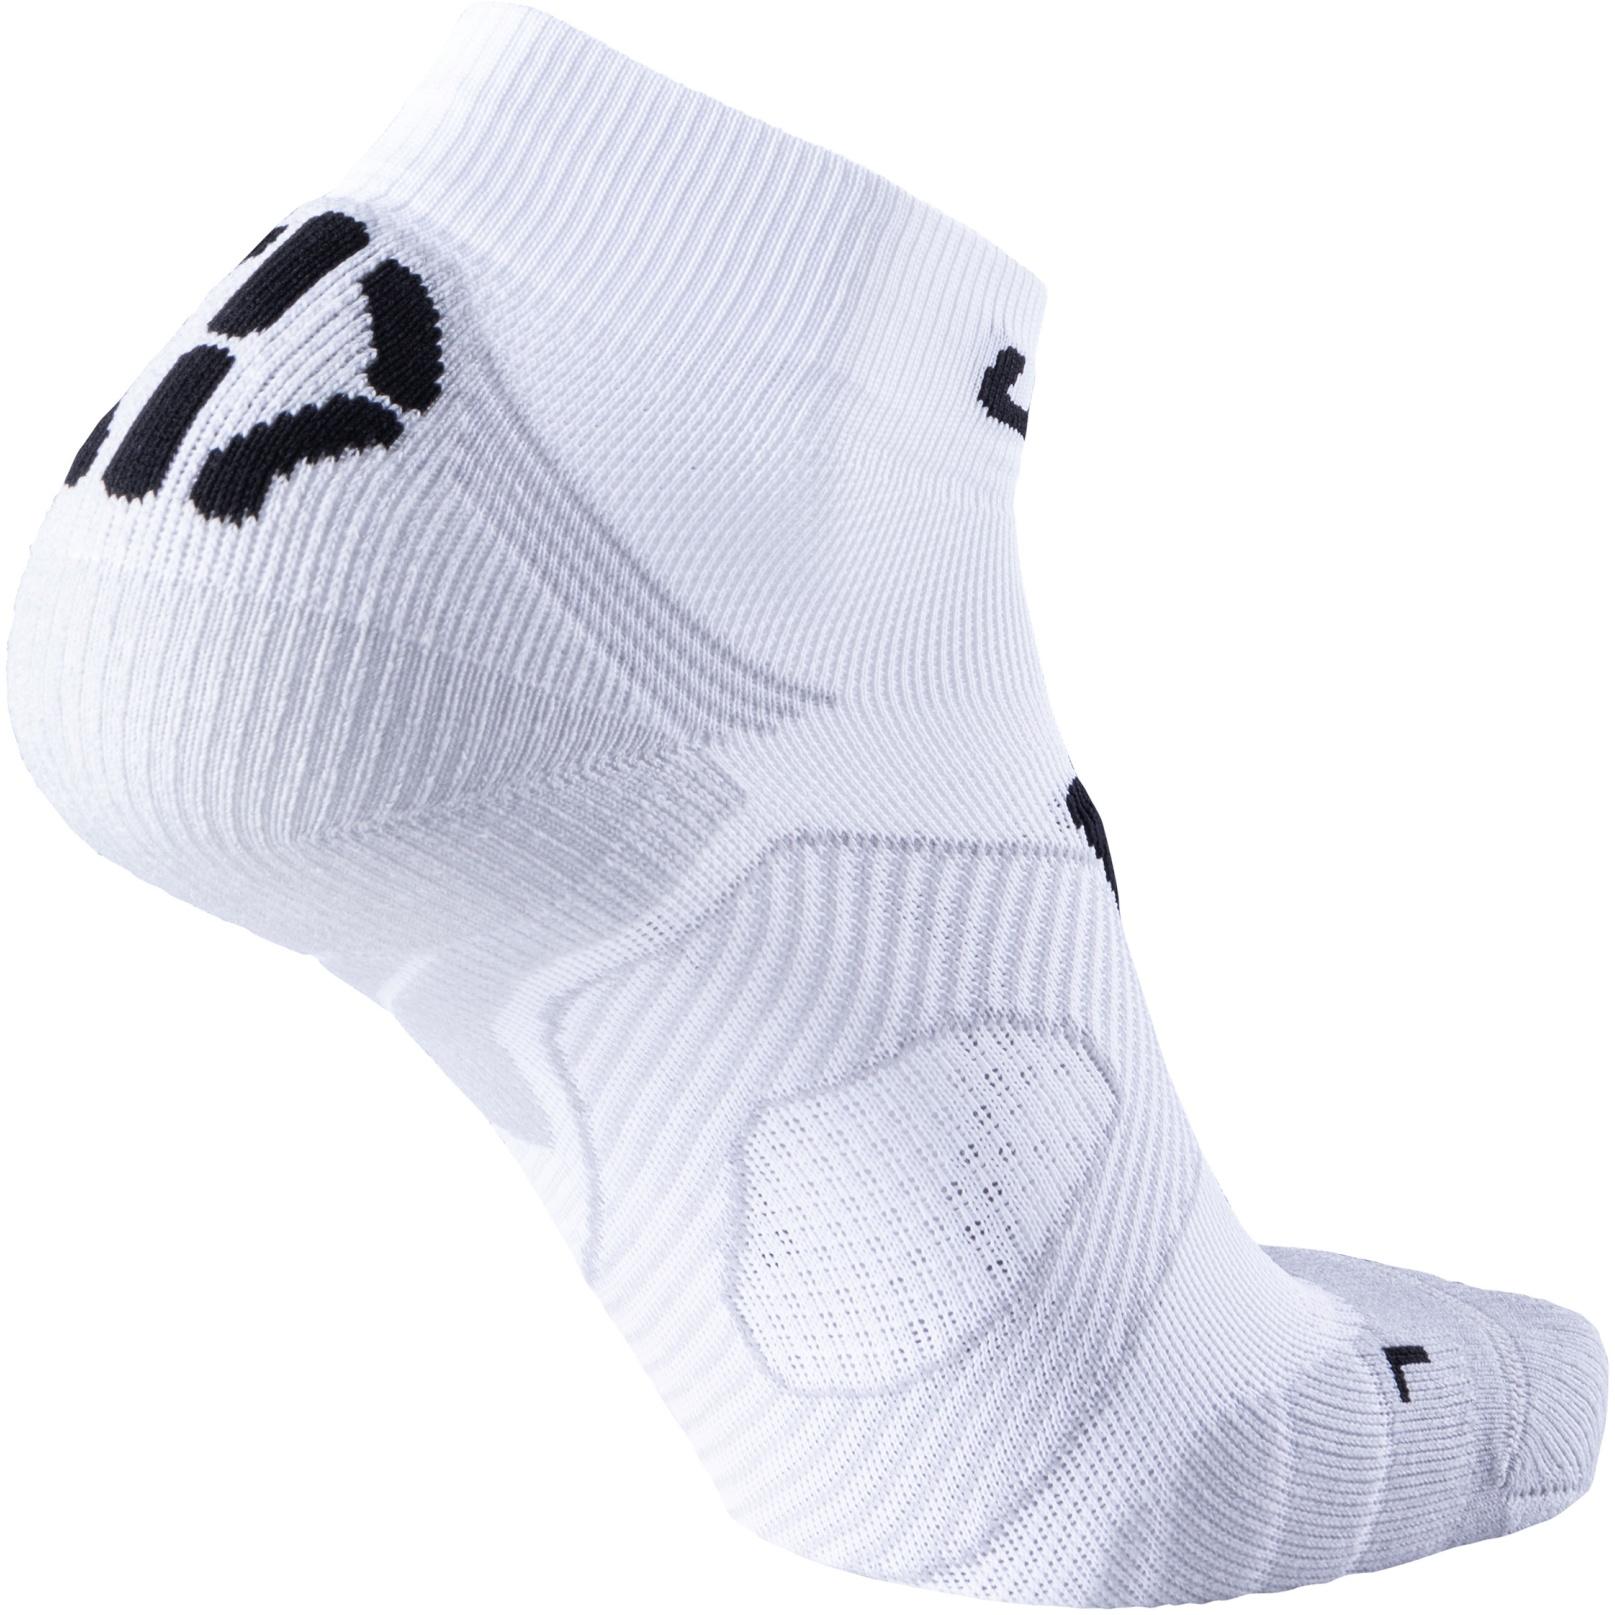 Bild von UYN Running Super Fast Herren Socken - White/Black